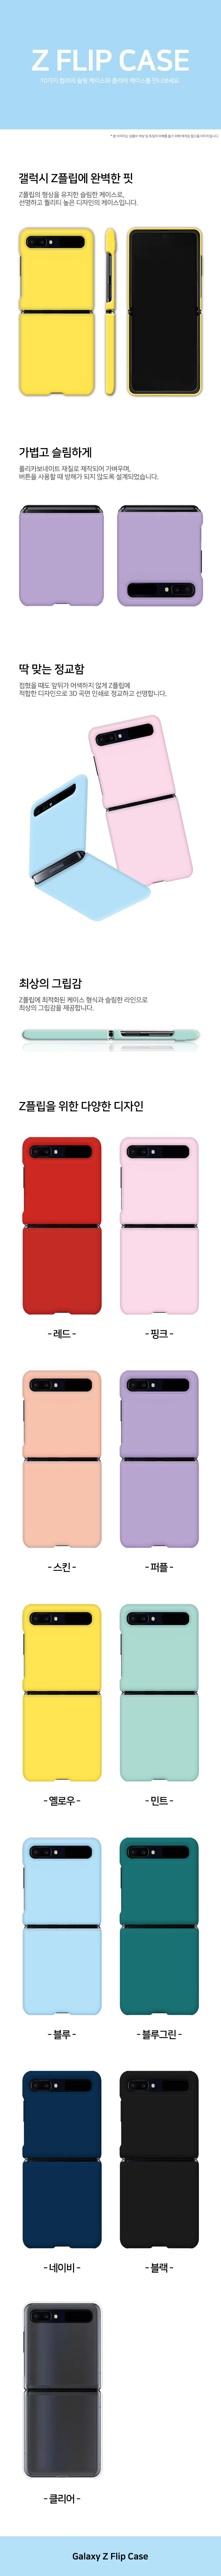 투명 컬러 갤럭시 Z플립 하드 케이스 _ 삼성 Z 플립 - 원스컴퍼니, 12,900원, 케이스, 갤럭시S10